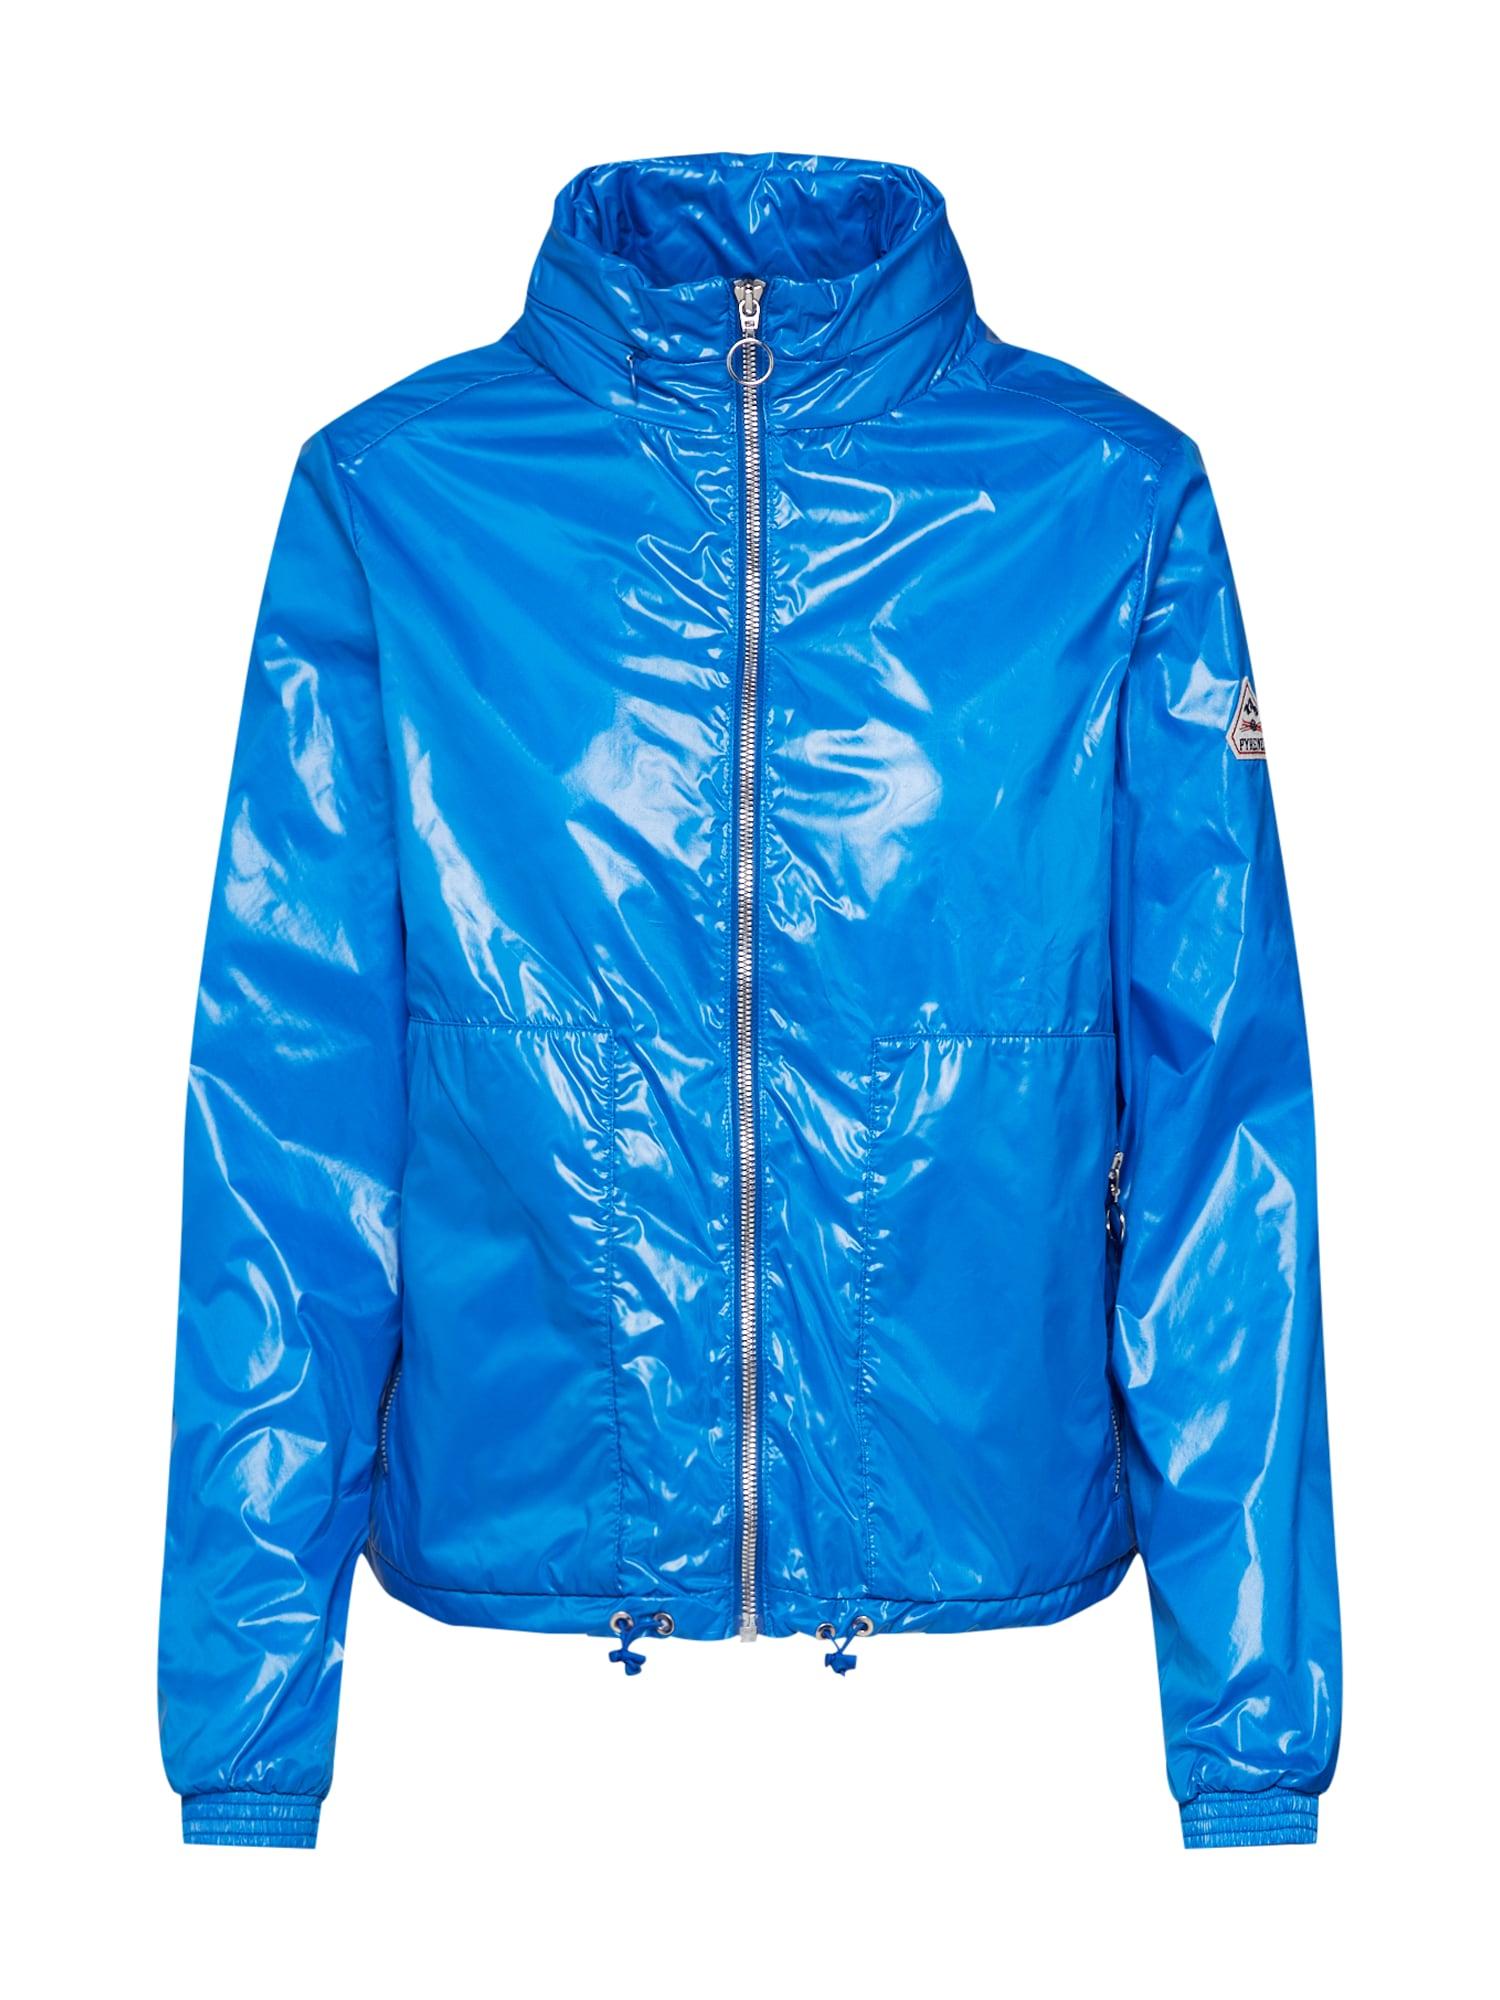 Přechodná bunda Ernsta modrá PYRENEX